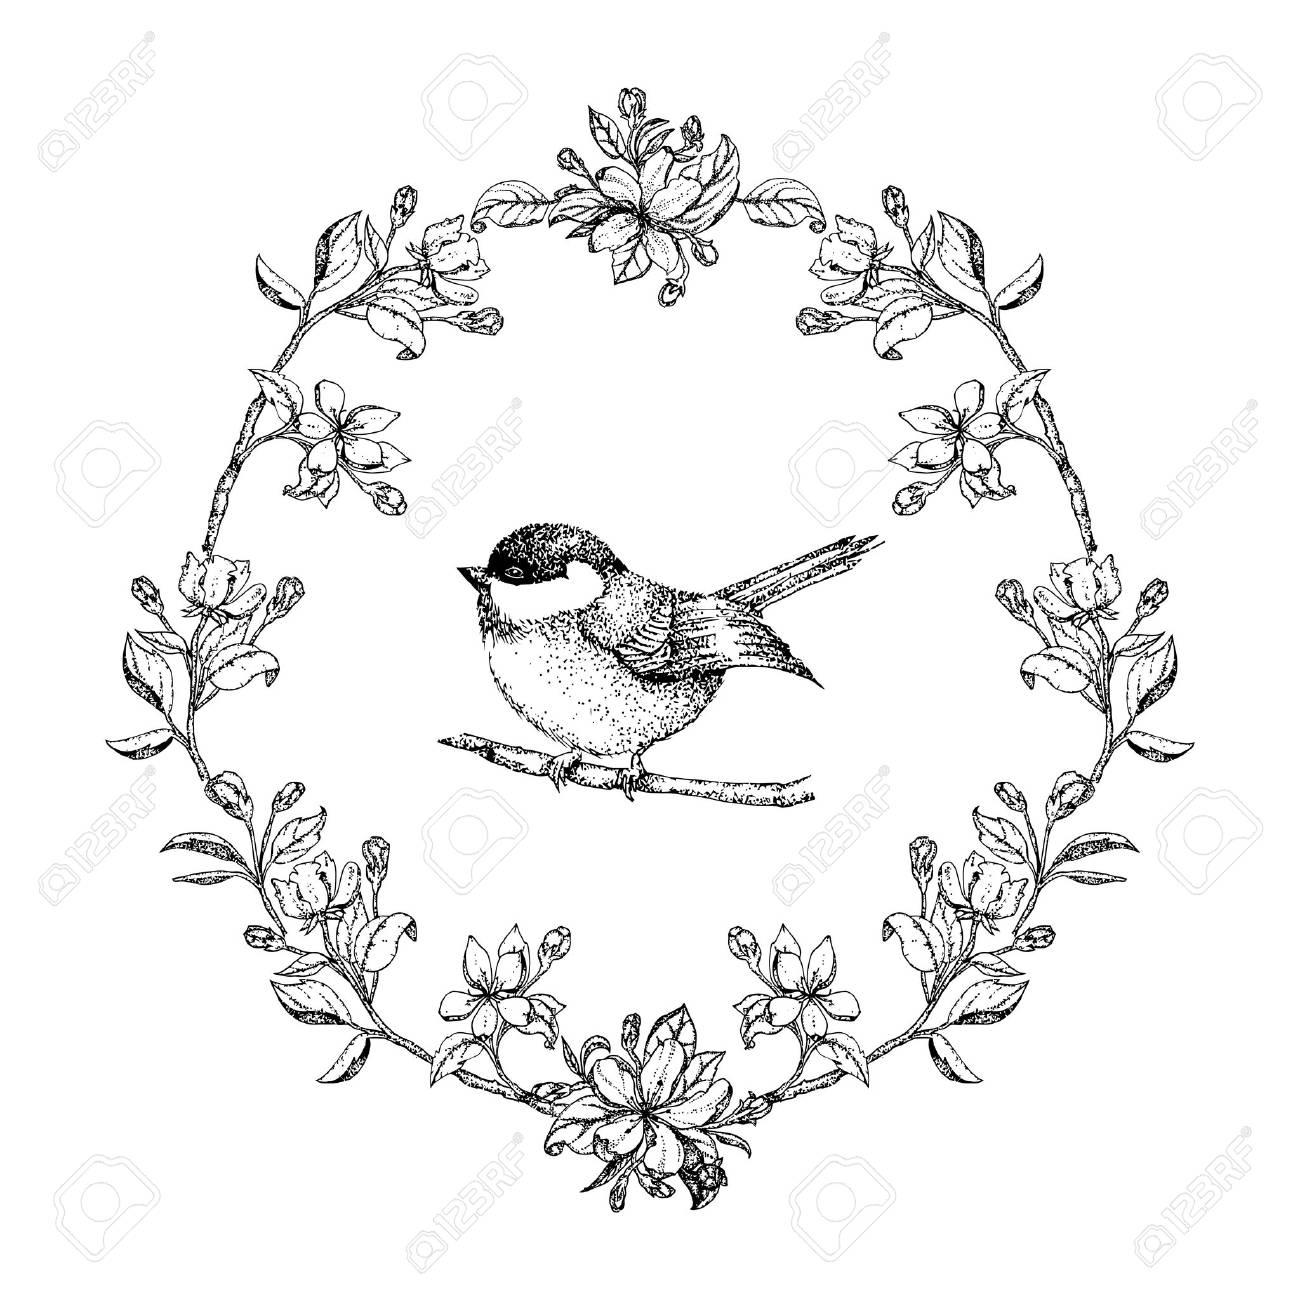 Vektor Jahrgang Runden Rahmen Mit Vögeln Und Blumen Apfel ...